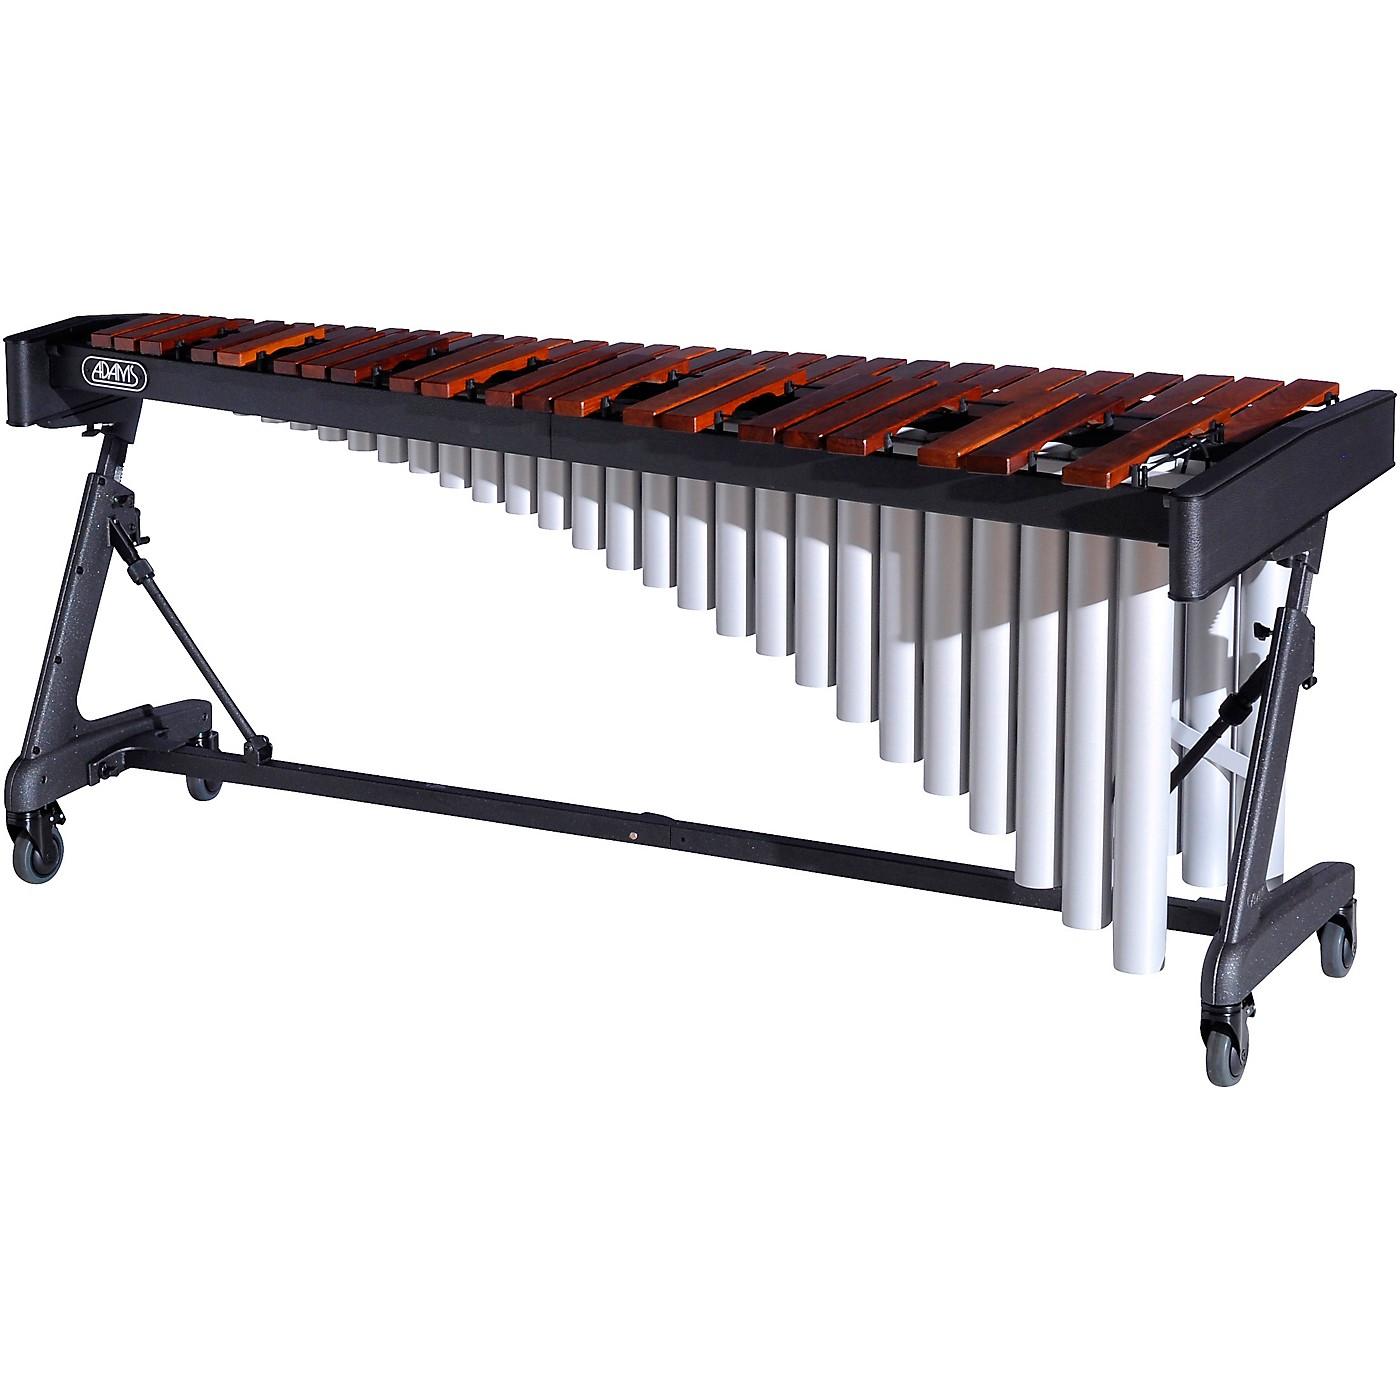 Adams 4.3 Octave Concert Series Rosewood Bar Marimba with Apex Frame thumbnail